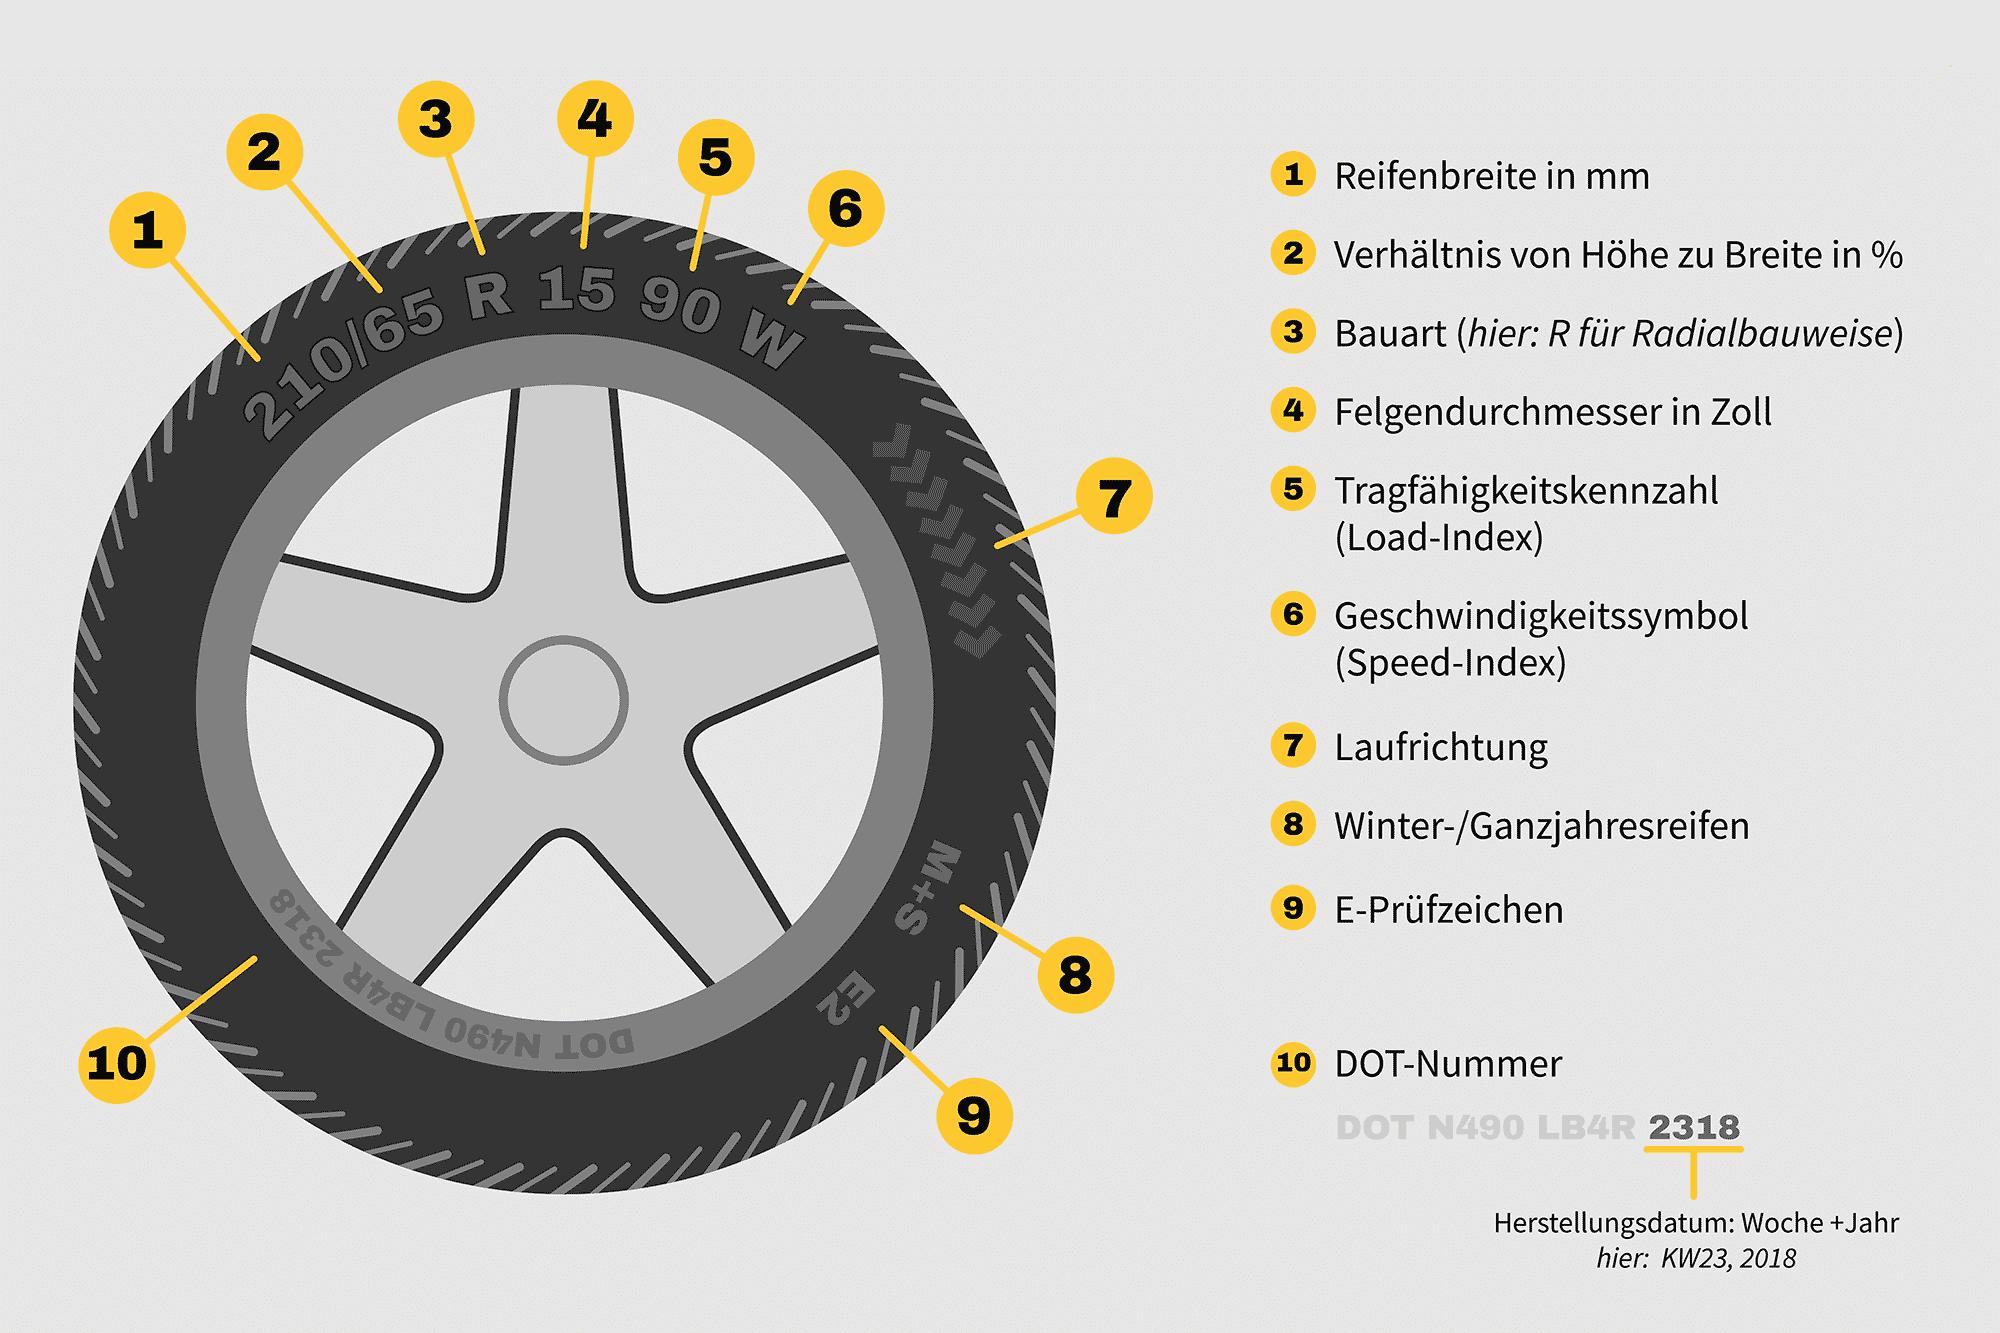 Geschwindigkeitsindex Der Reifen Bußgeldkatalog 2019